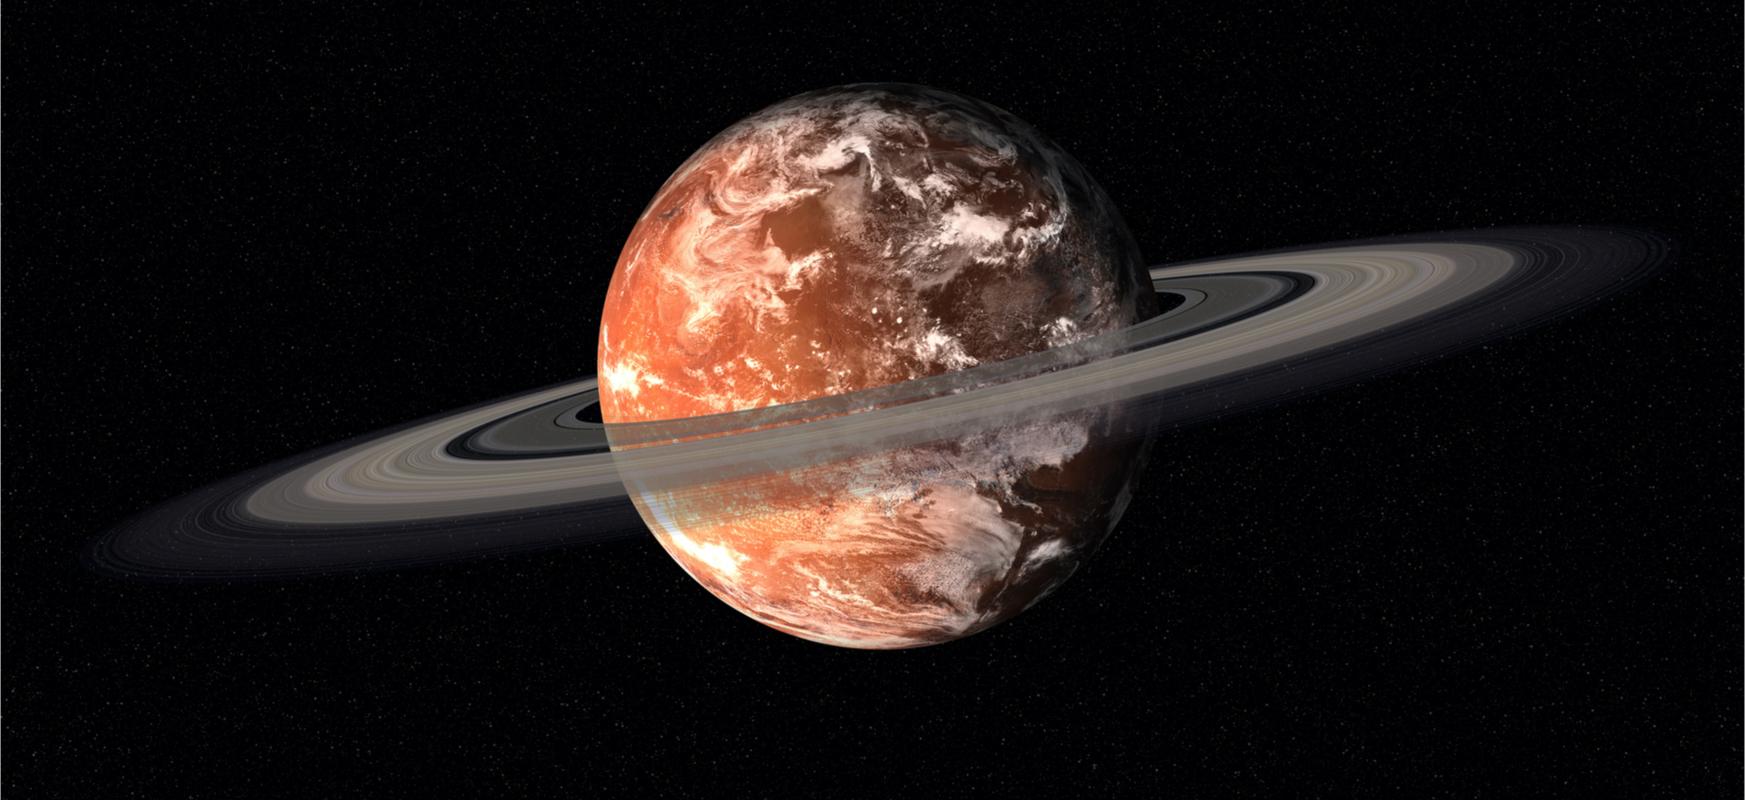 Martien ilargiak ziklikoki apurtzen dira, planetaren inguruan eraztun bat osatzen dute berriro ilargi bihurtzeko